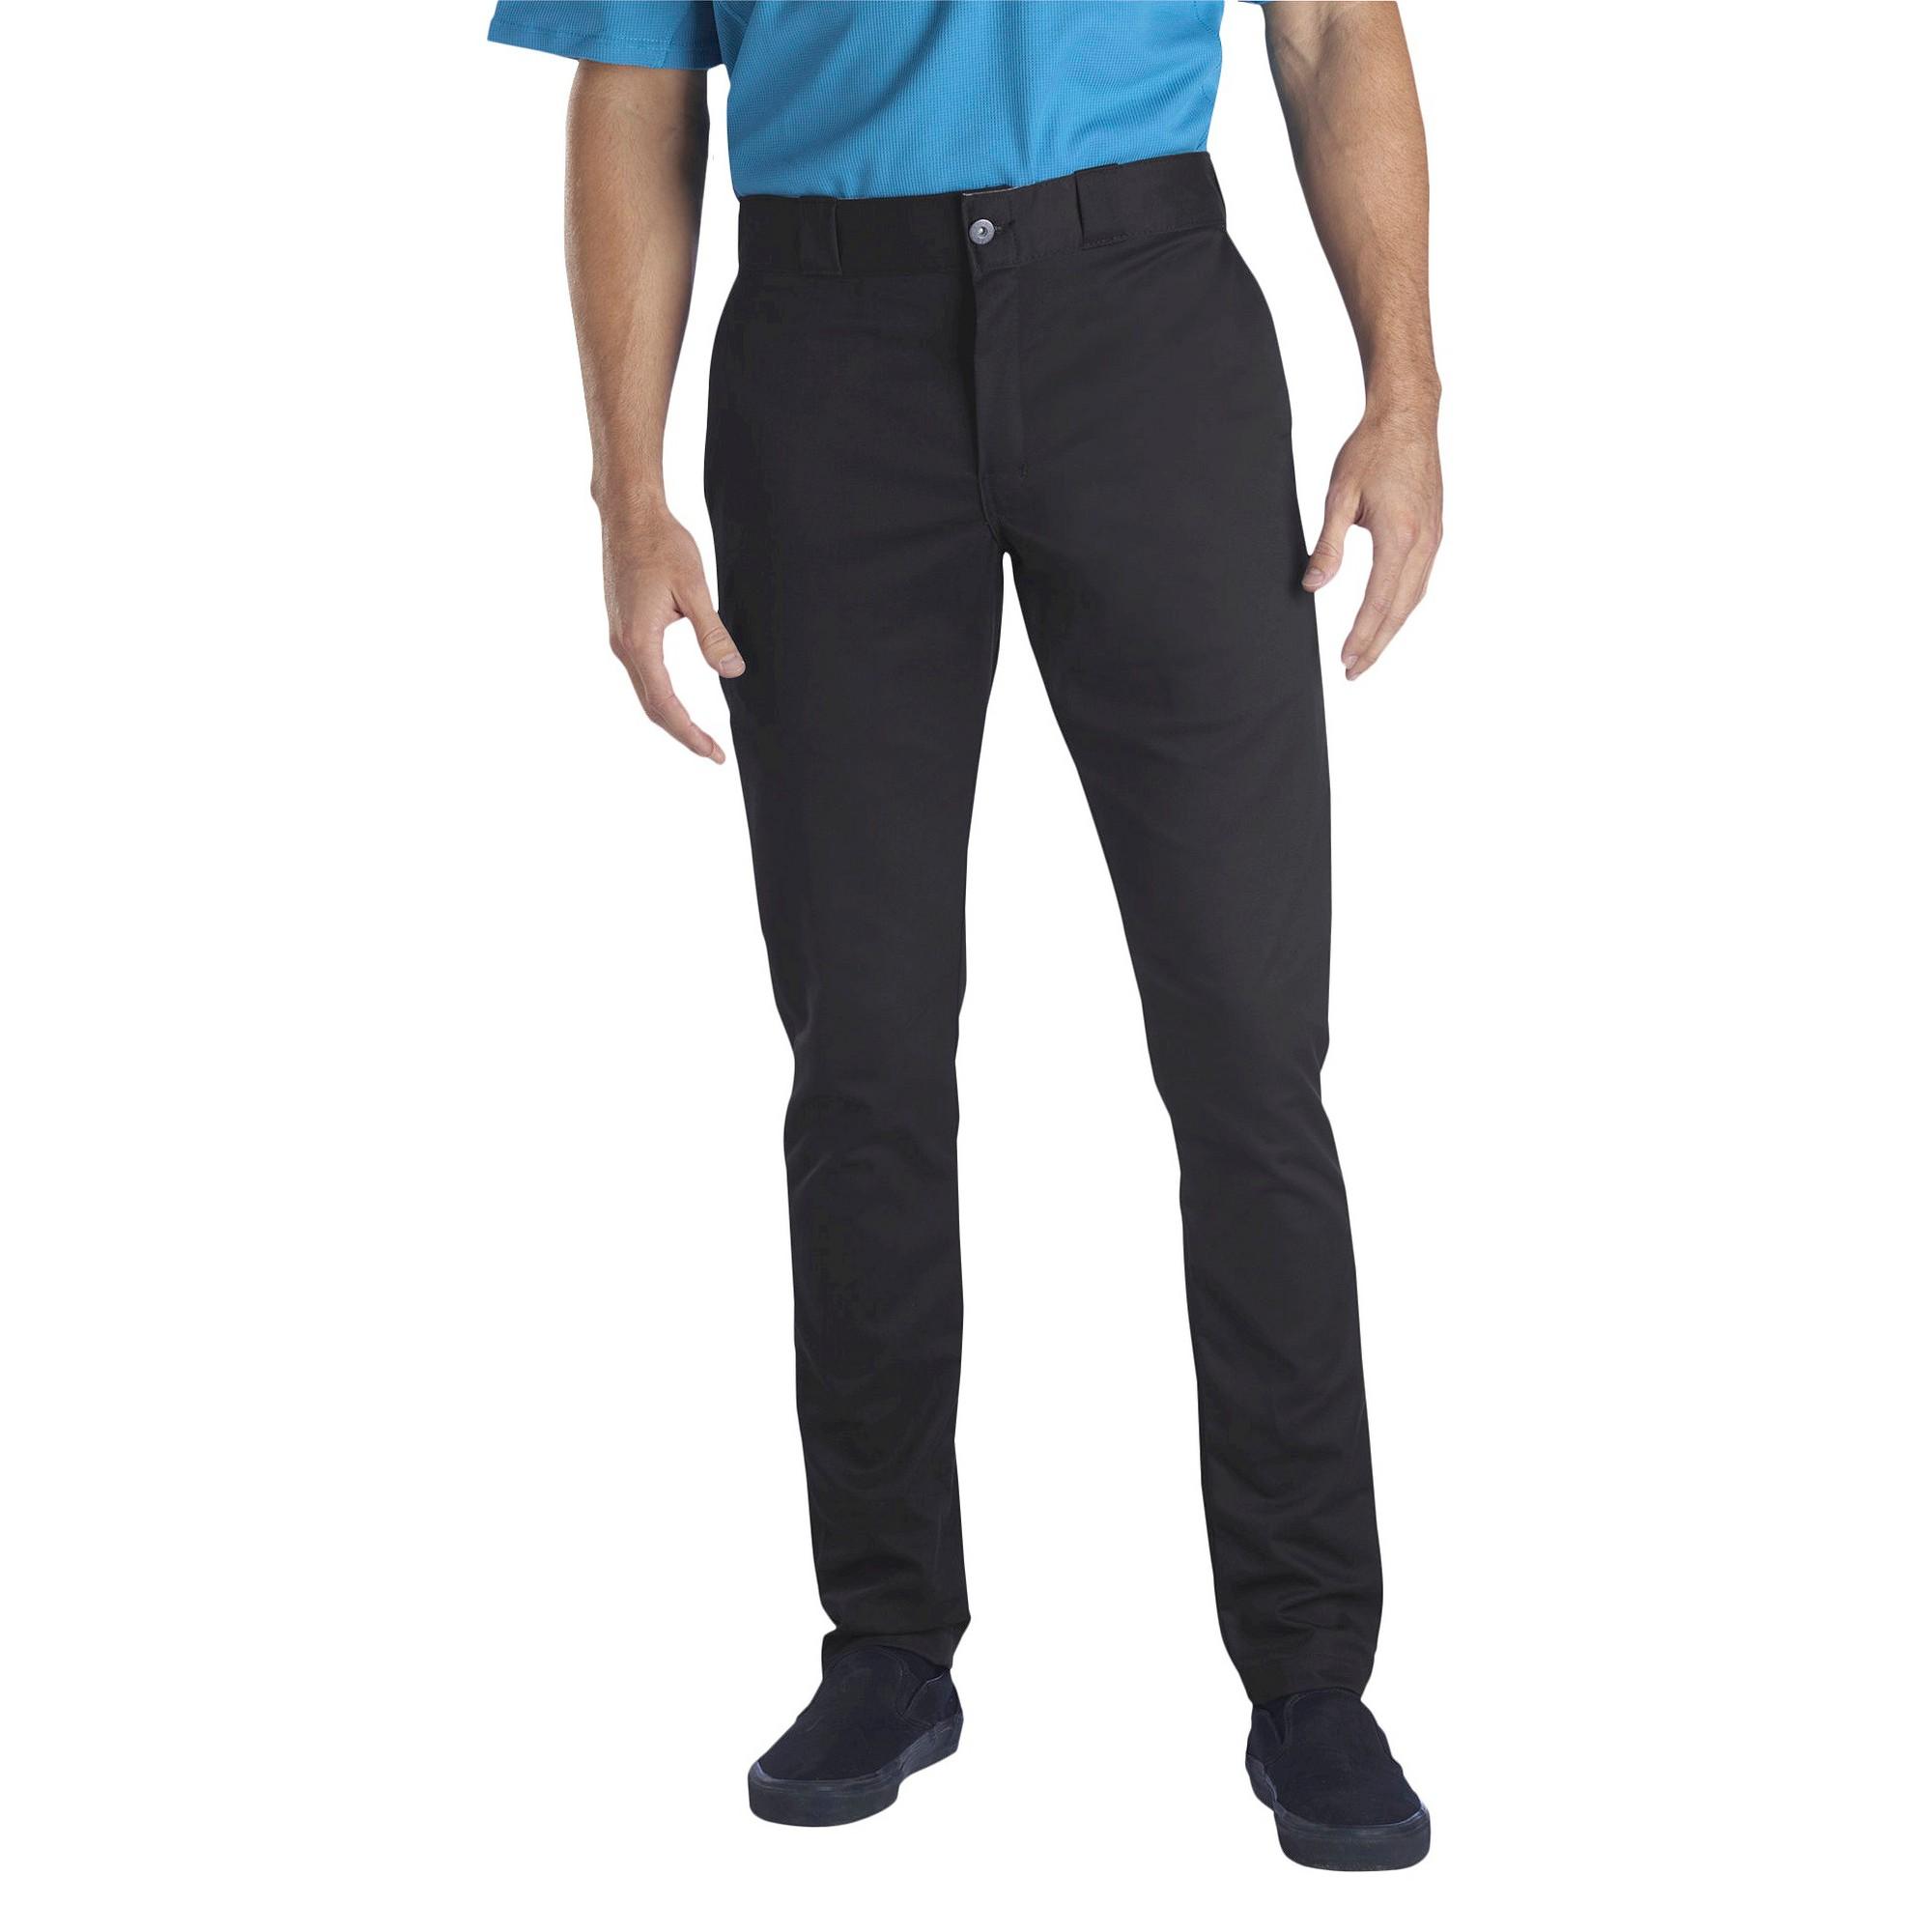 Dickies Men's Skinny Straight Fit Flex Twill Pants - Black 29x32